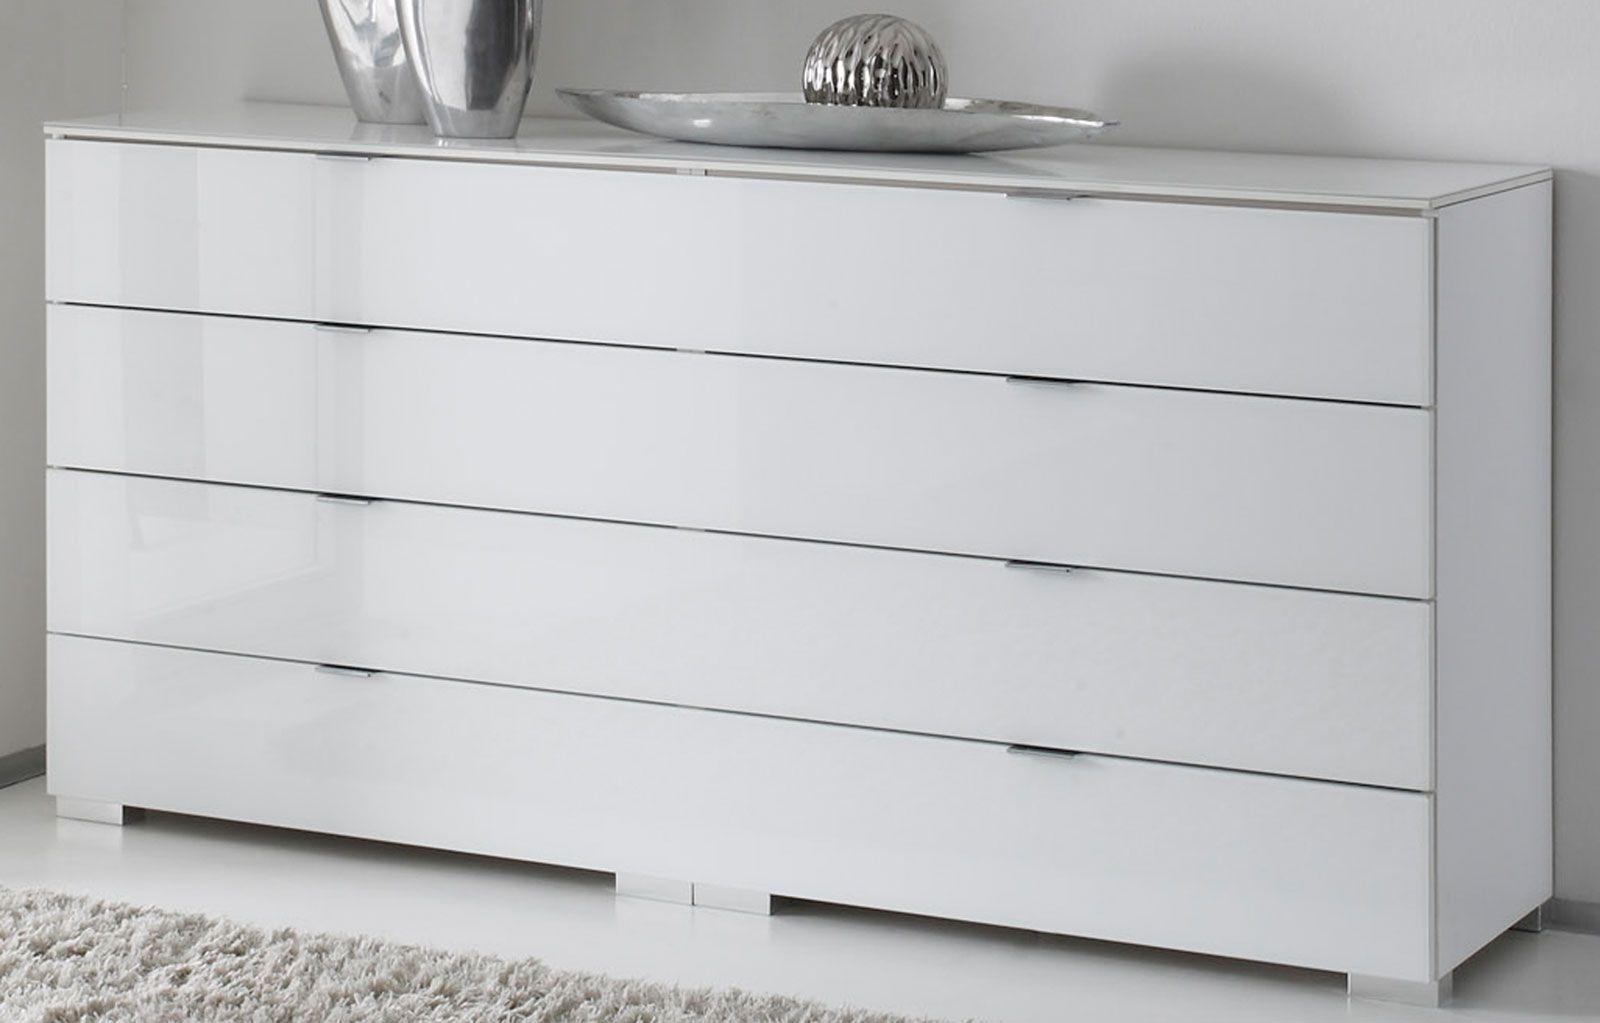 billig schlafzimmer kommode hochglanz | deutsche deko | pinterest ... - Schlafzimmer Kommode Buche